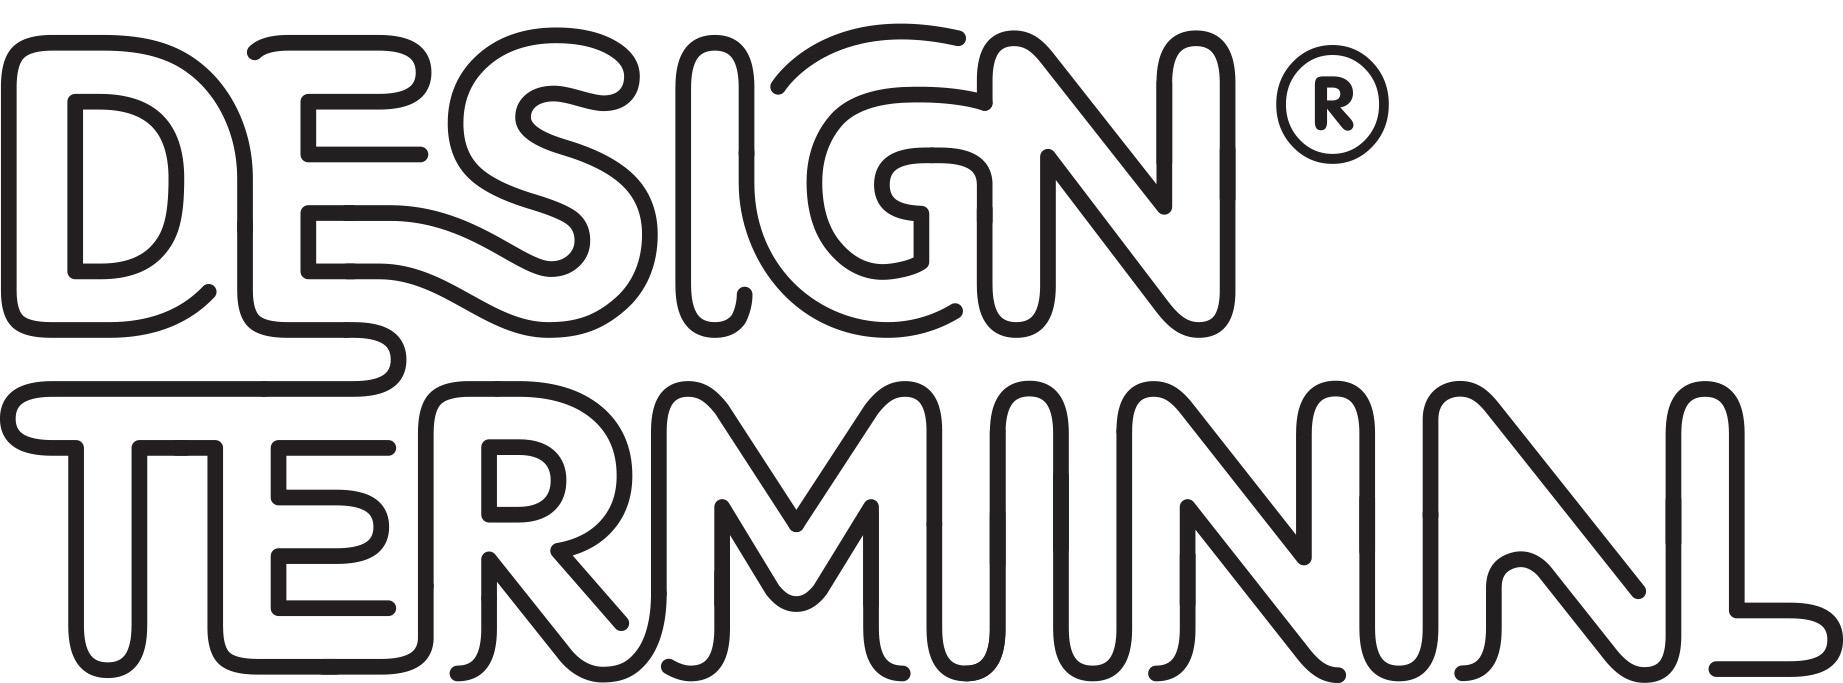 Már nem állami, hanem magáncég a Design Terminál, mégis úgy kap 600 milliót az államtól, mint a szél